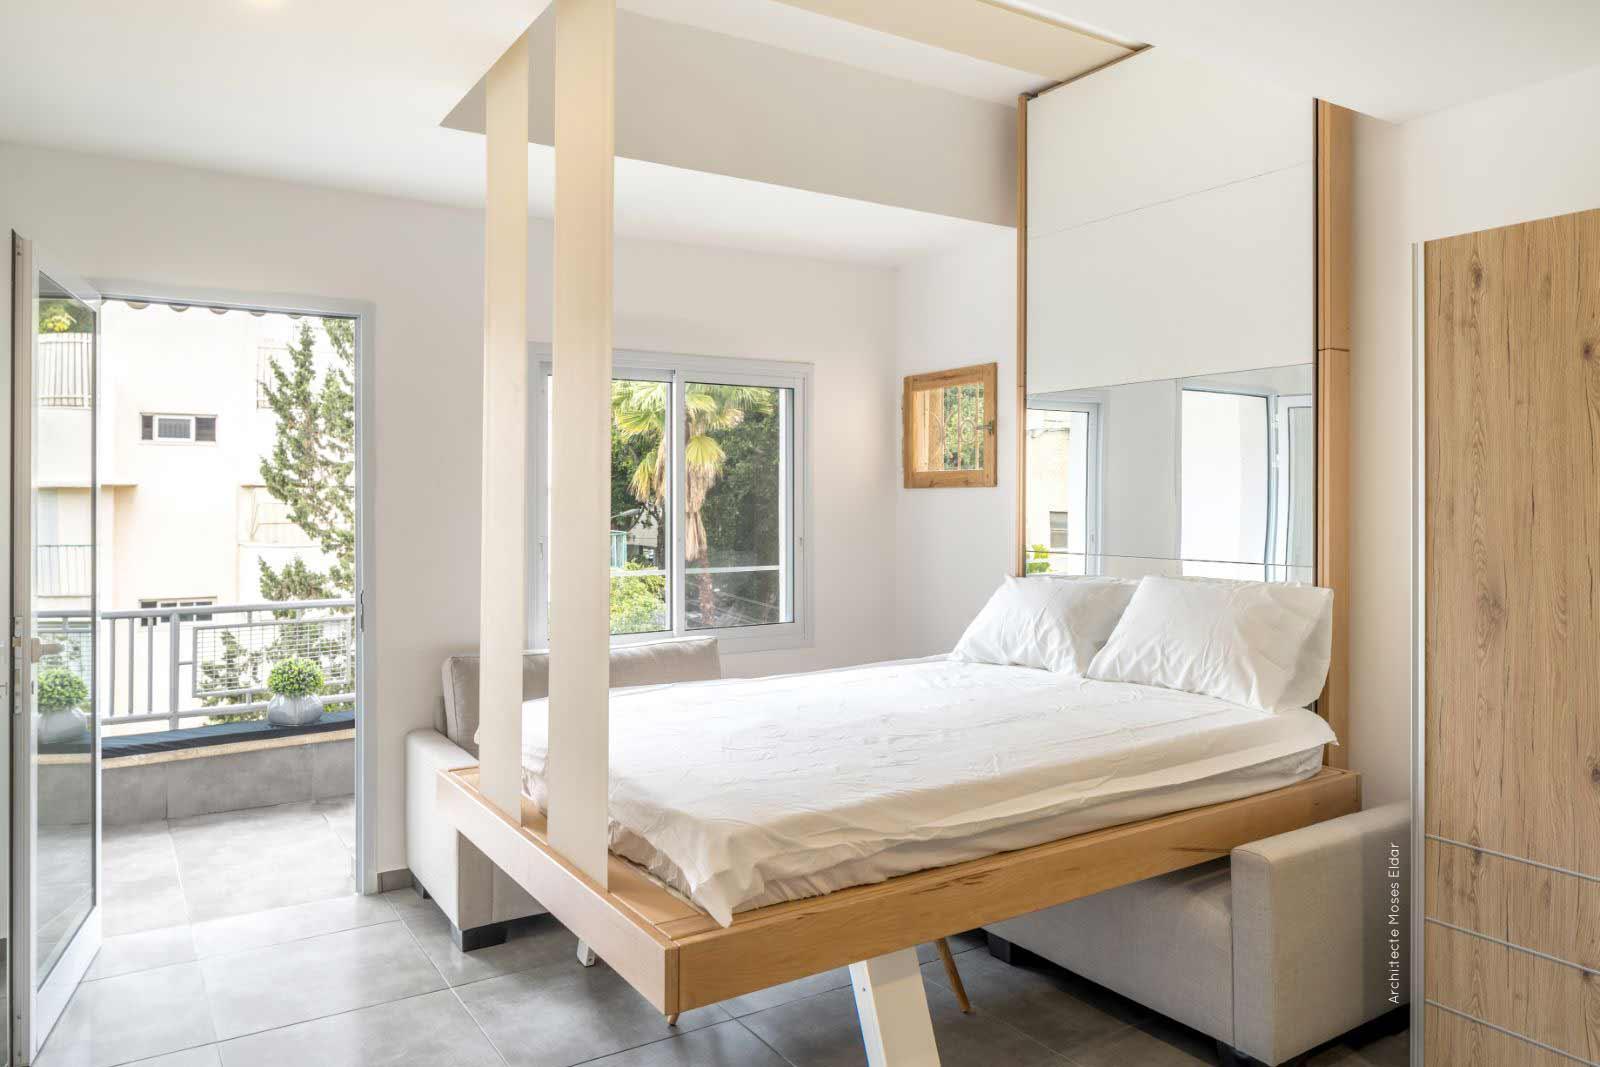 Lit Escamotable Bedup® : La Solution Pour Les Petits Espaces destiné Lit Escamotable Conforama